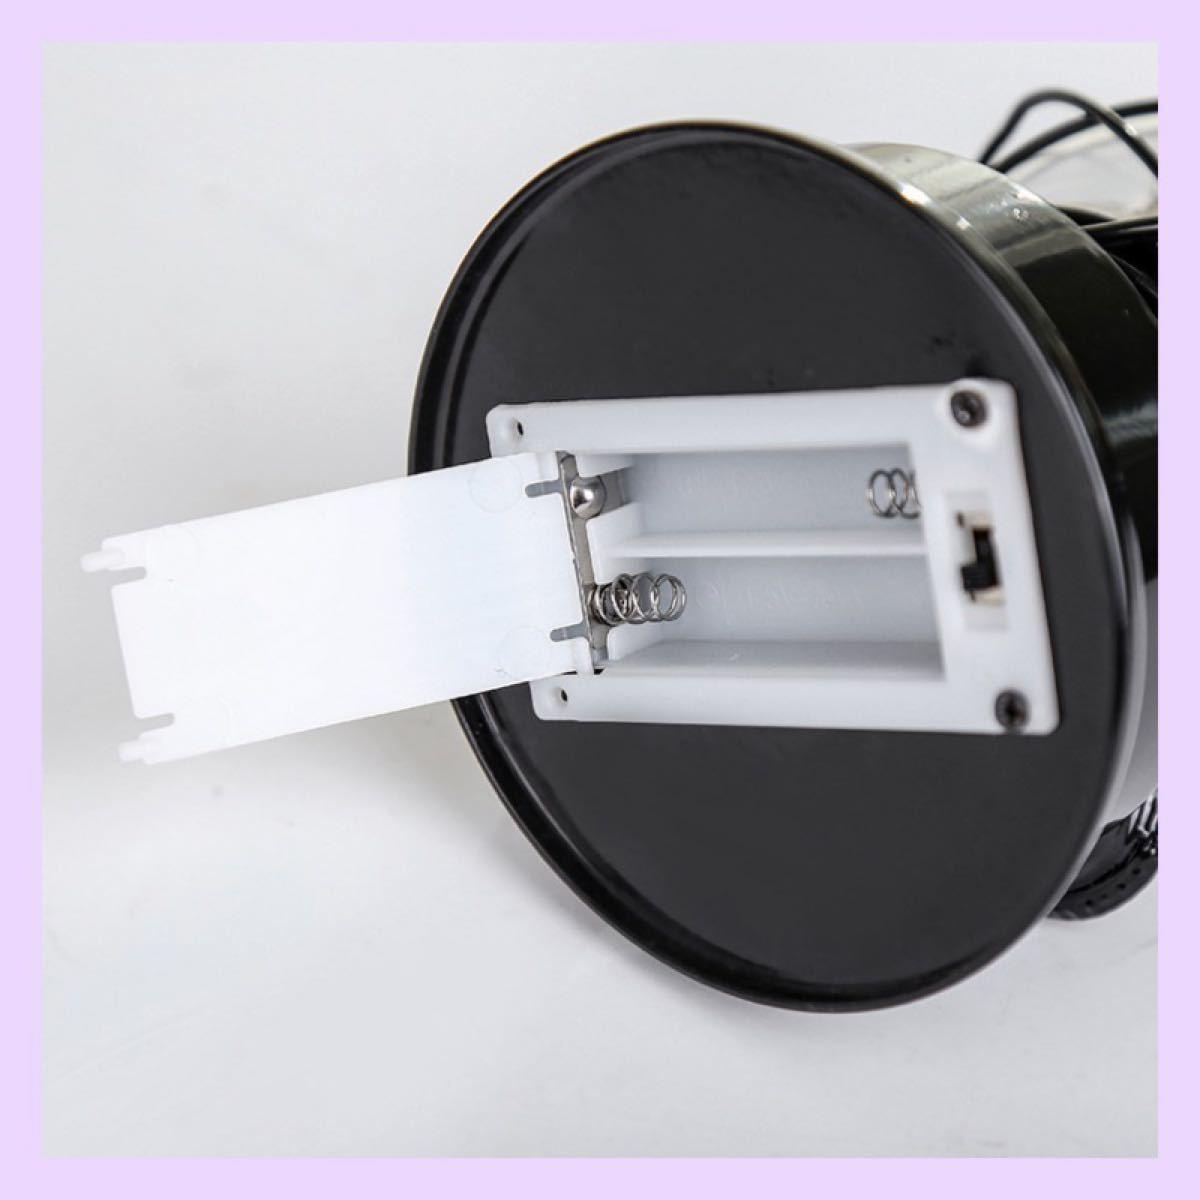 LED ランタン 電池式 ライト ランプ 災害 アウトドア レジャー キャンプ インテリア シンプル ホワイト 週末セール☆